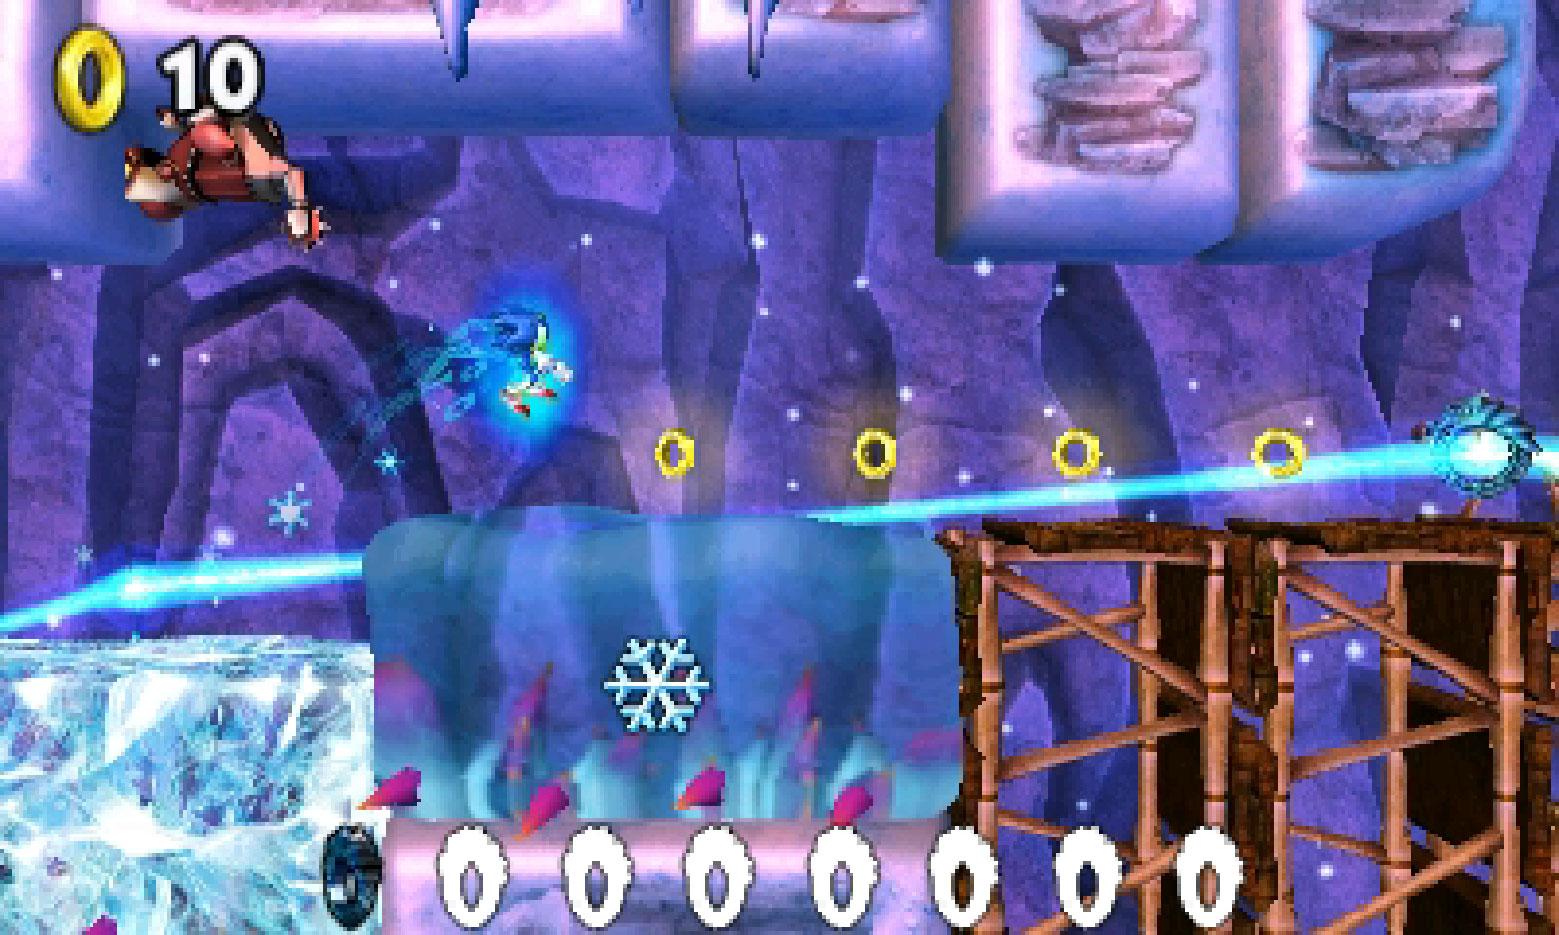 """In """"Sonic Boom: Feuer & Eis"""" gibt sich der komplette Igel-Freundeskreis die Ehre. Fliegender Heldenwechsel, individuelle Charakter-Fähigkeiten und mystische Eis- bzw. Feuer-Kräfte machen dem 2D-Jump'n'Run ordentlich Dampf • ab 30.09. für 3DS"""